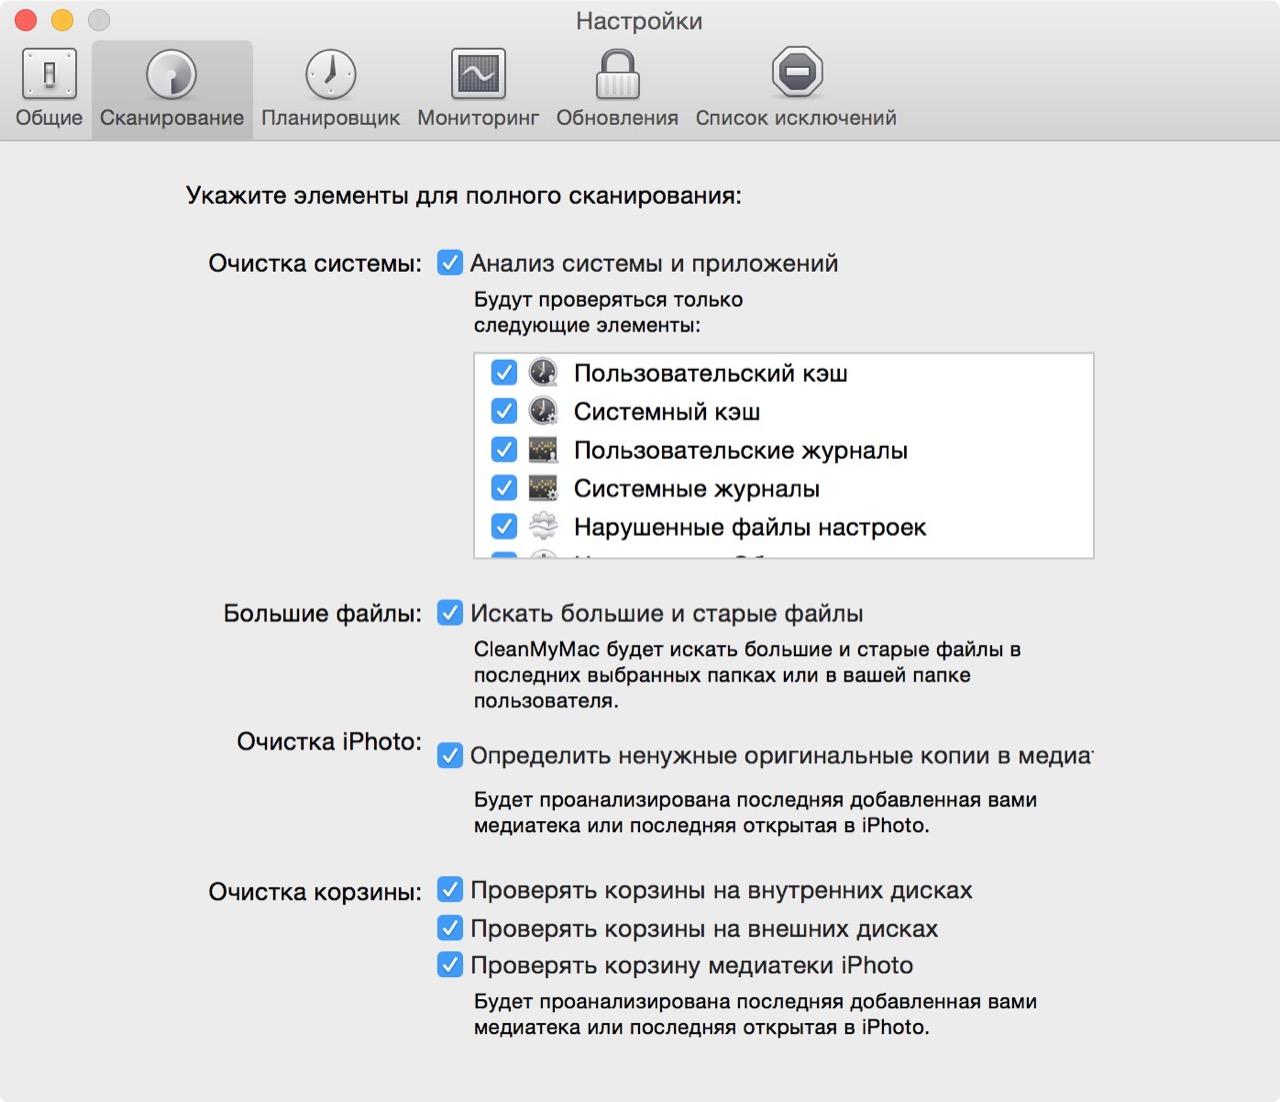 Настройка сканирования в CleanMyMac 2